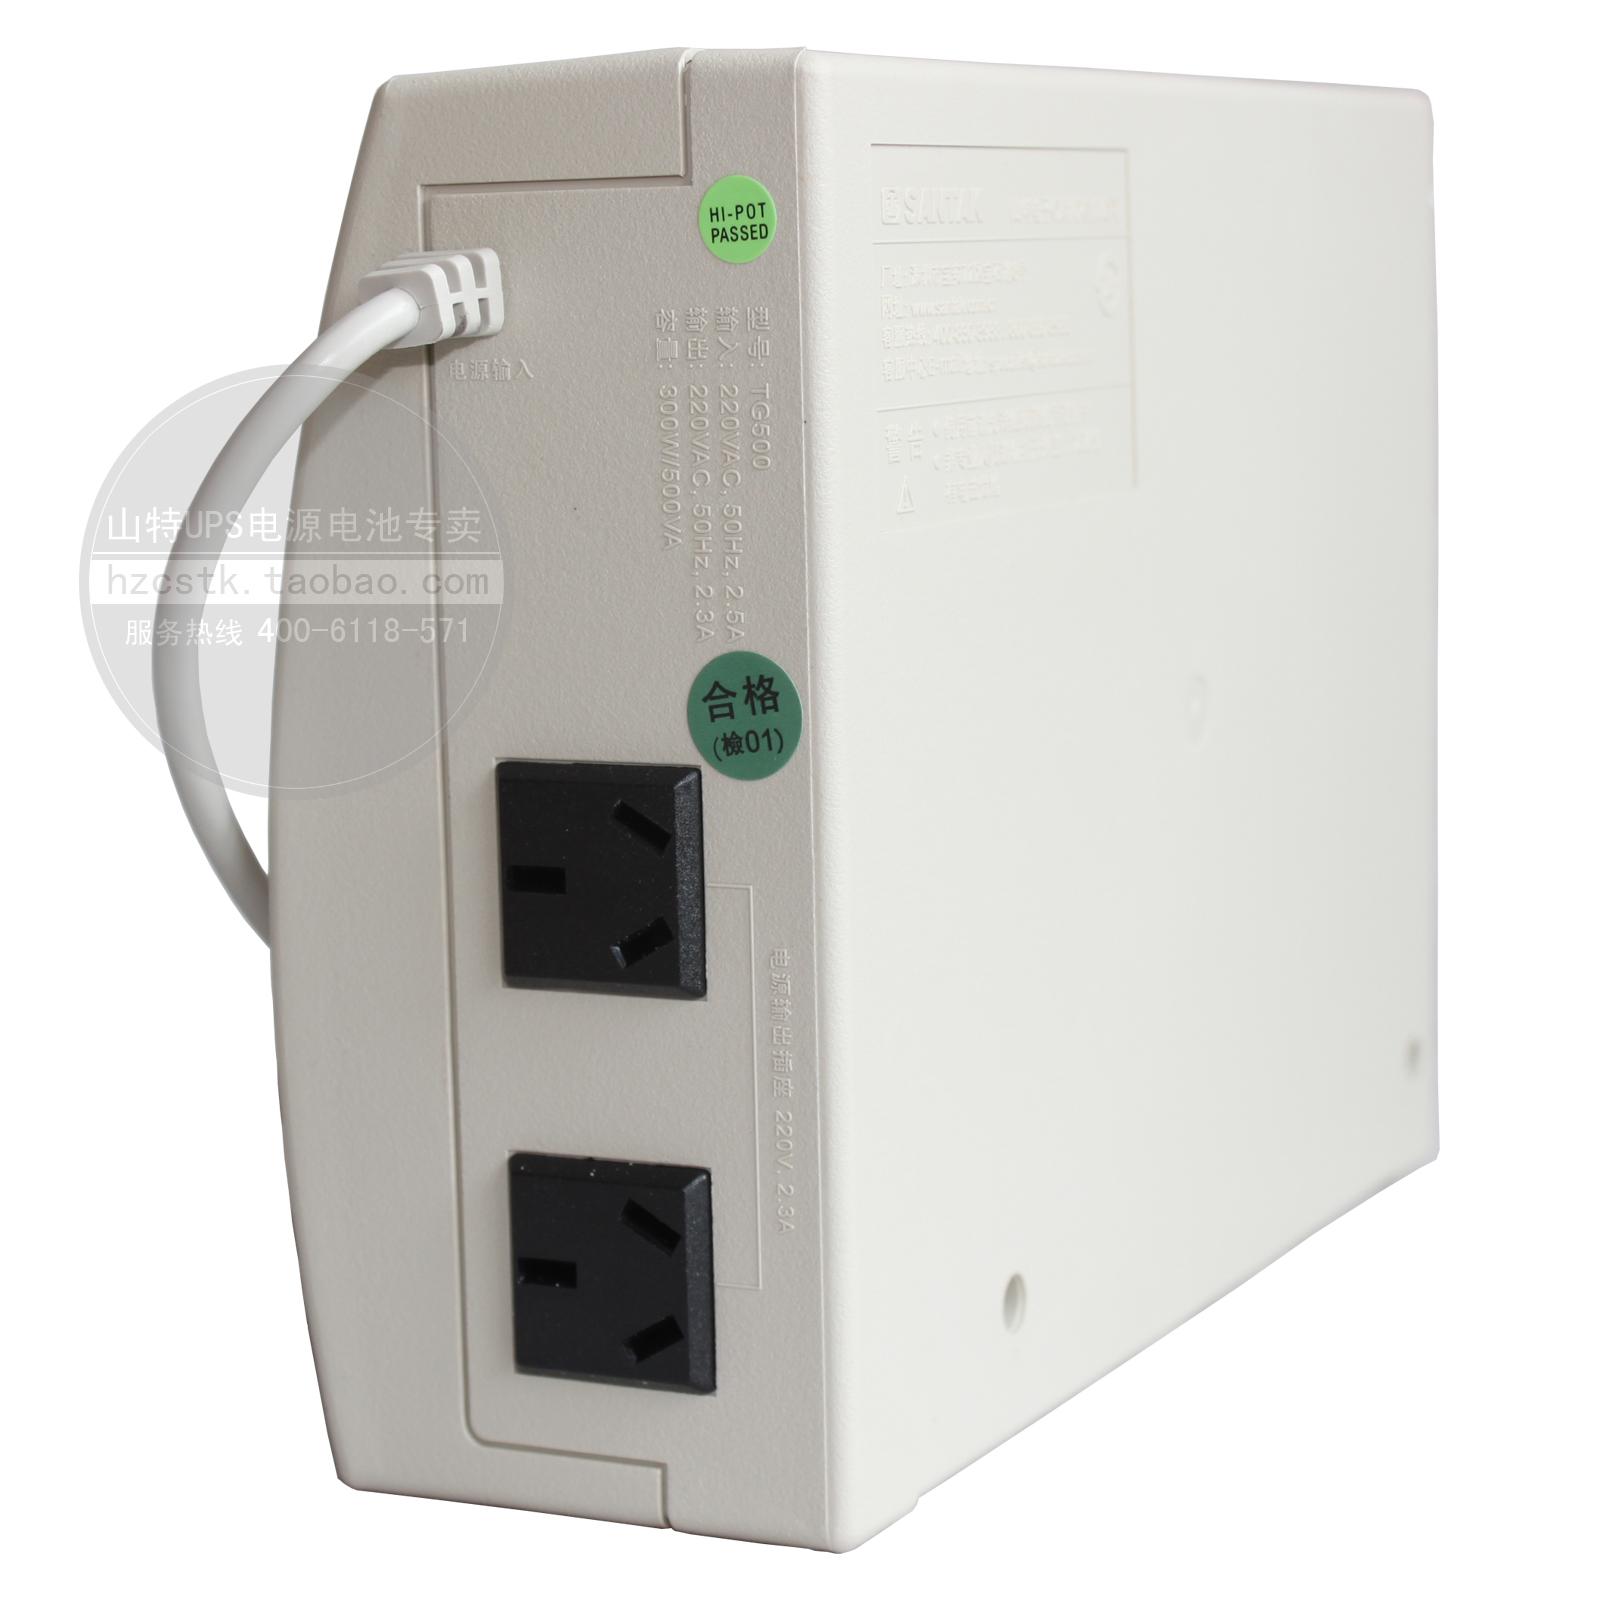 山特 UPS不间断电源TG500 300W家用电脑断电延时三年保静音15分钟